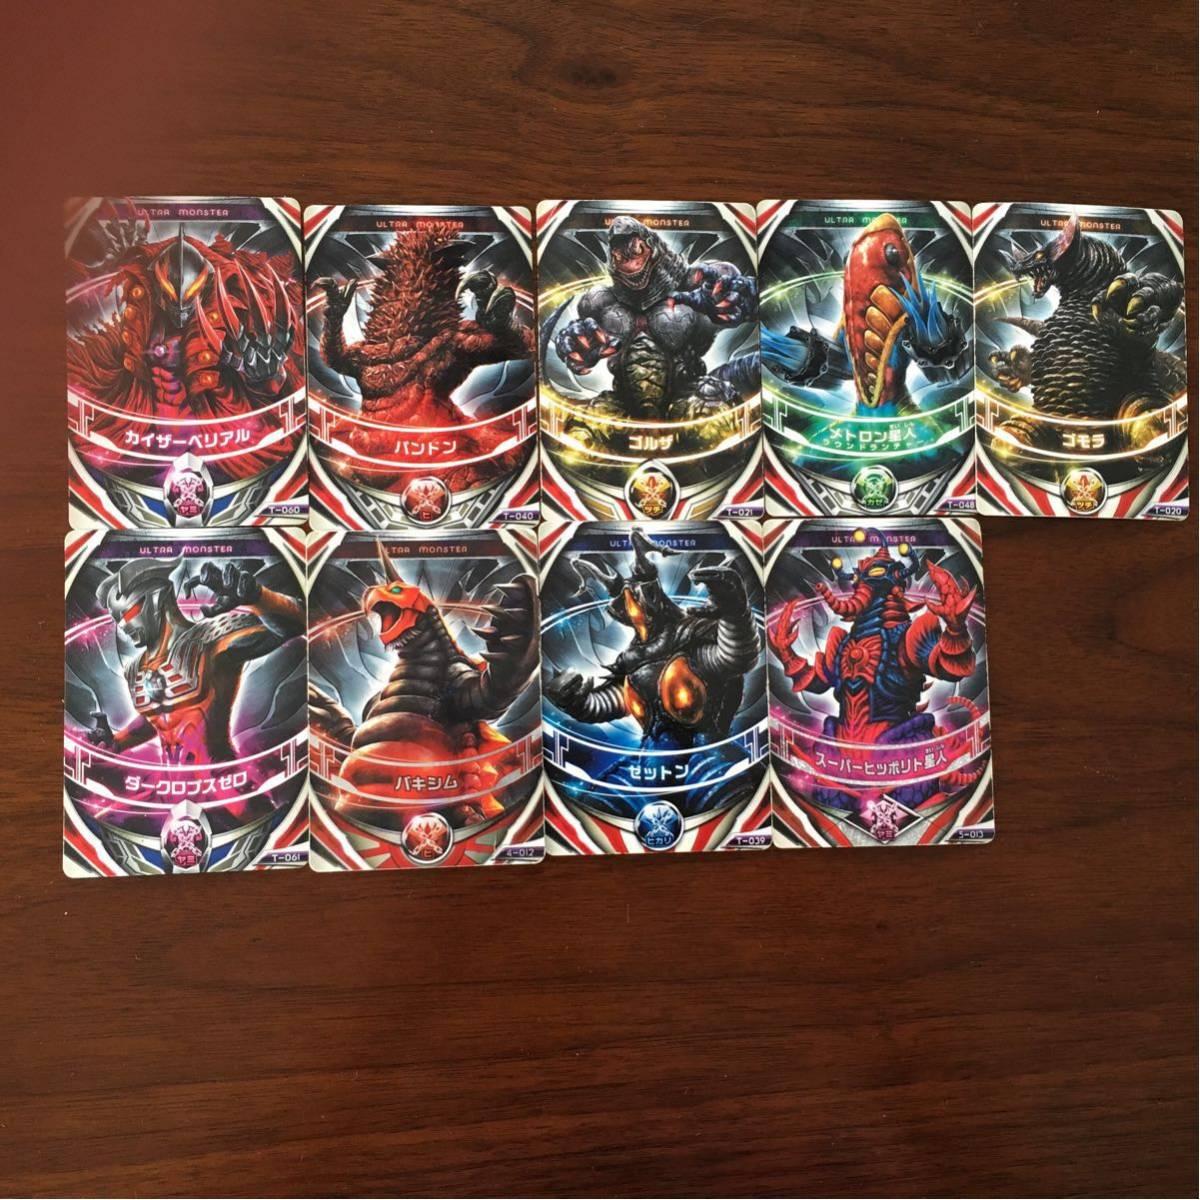 ★ウルトラマン フュージョンファイトカード163枚★そのうちオーブクリスタル付きカード30枚レアカード、ウルトラレアカードもあります♪_画像5